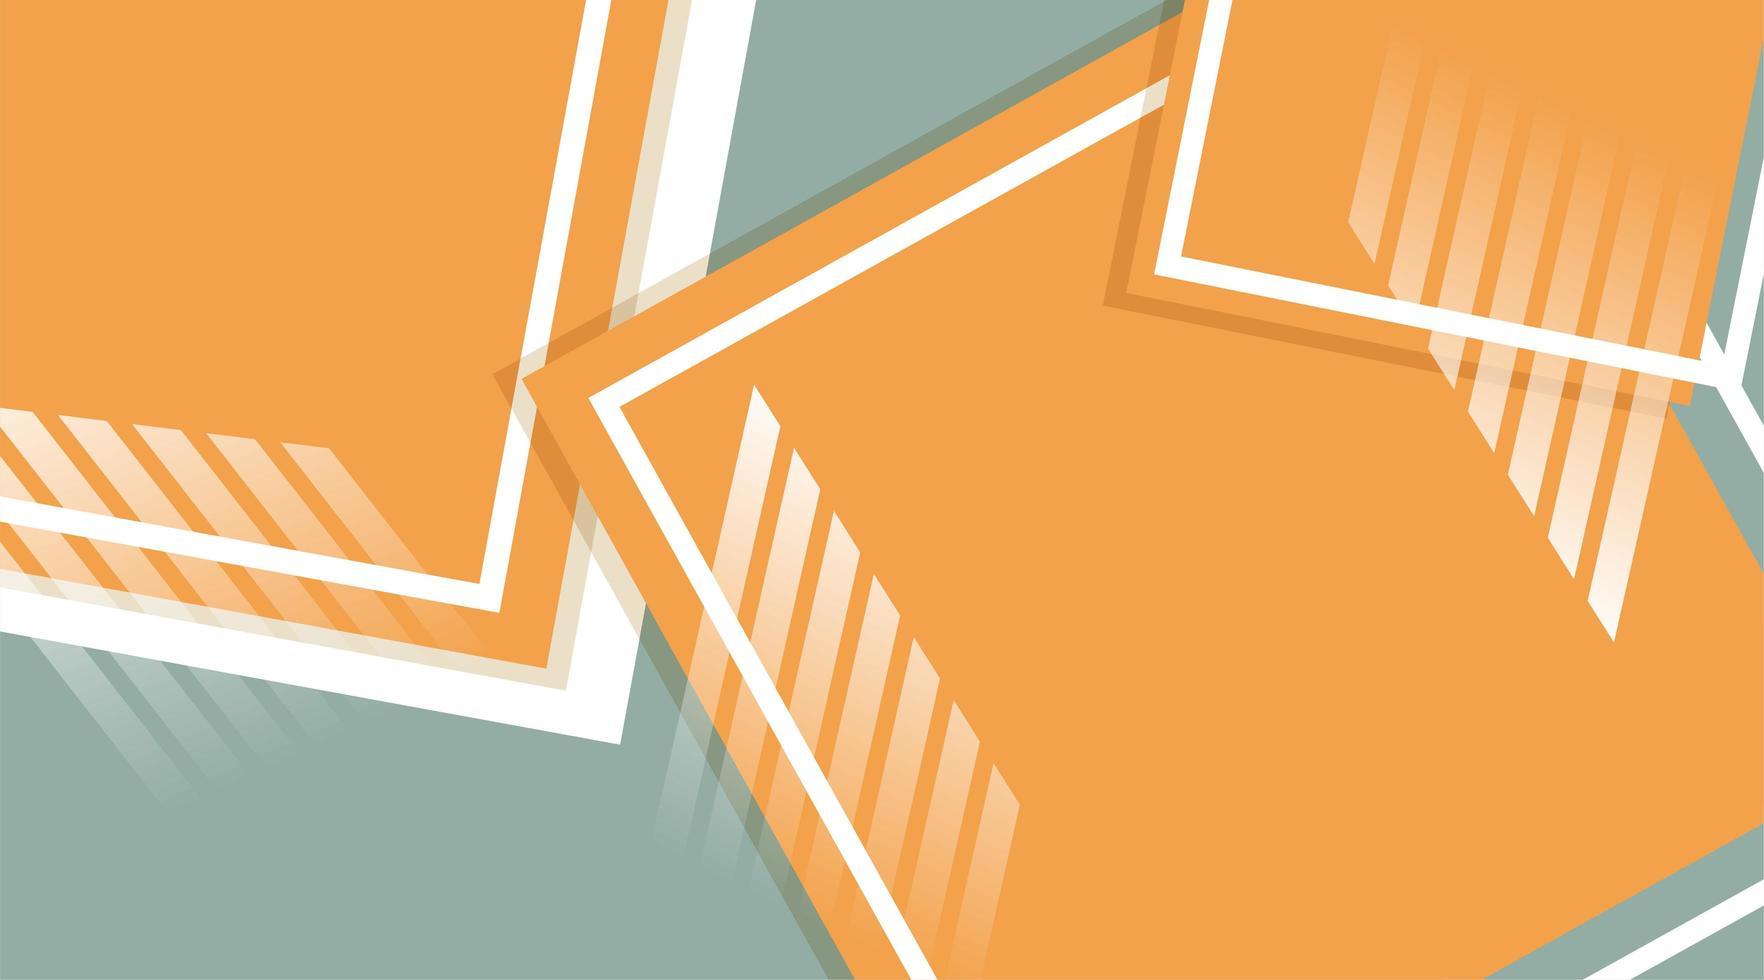 abstracte vector achtergrond. oranje vierkant met overlappende lijnen